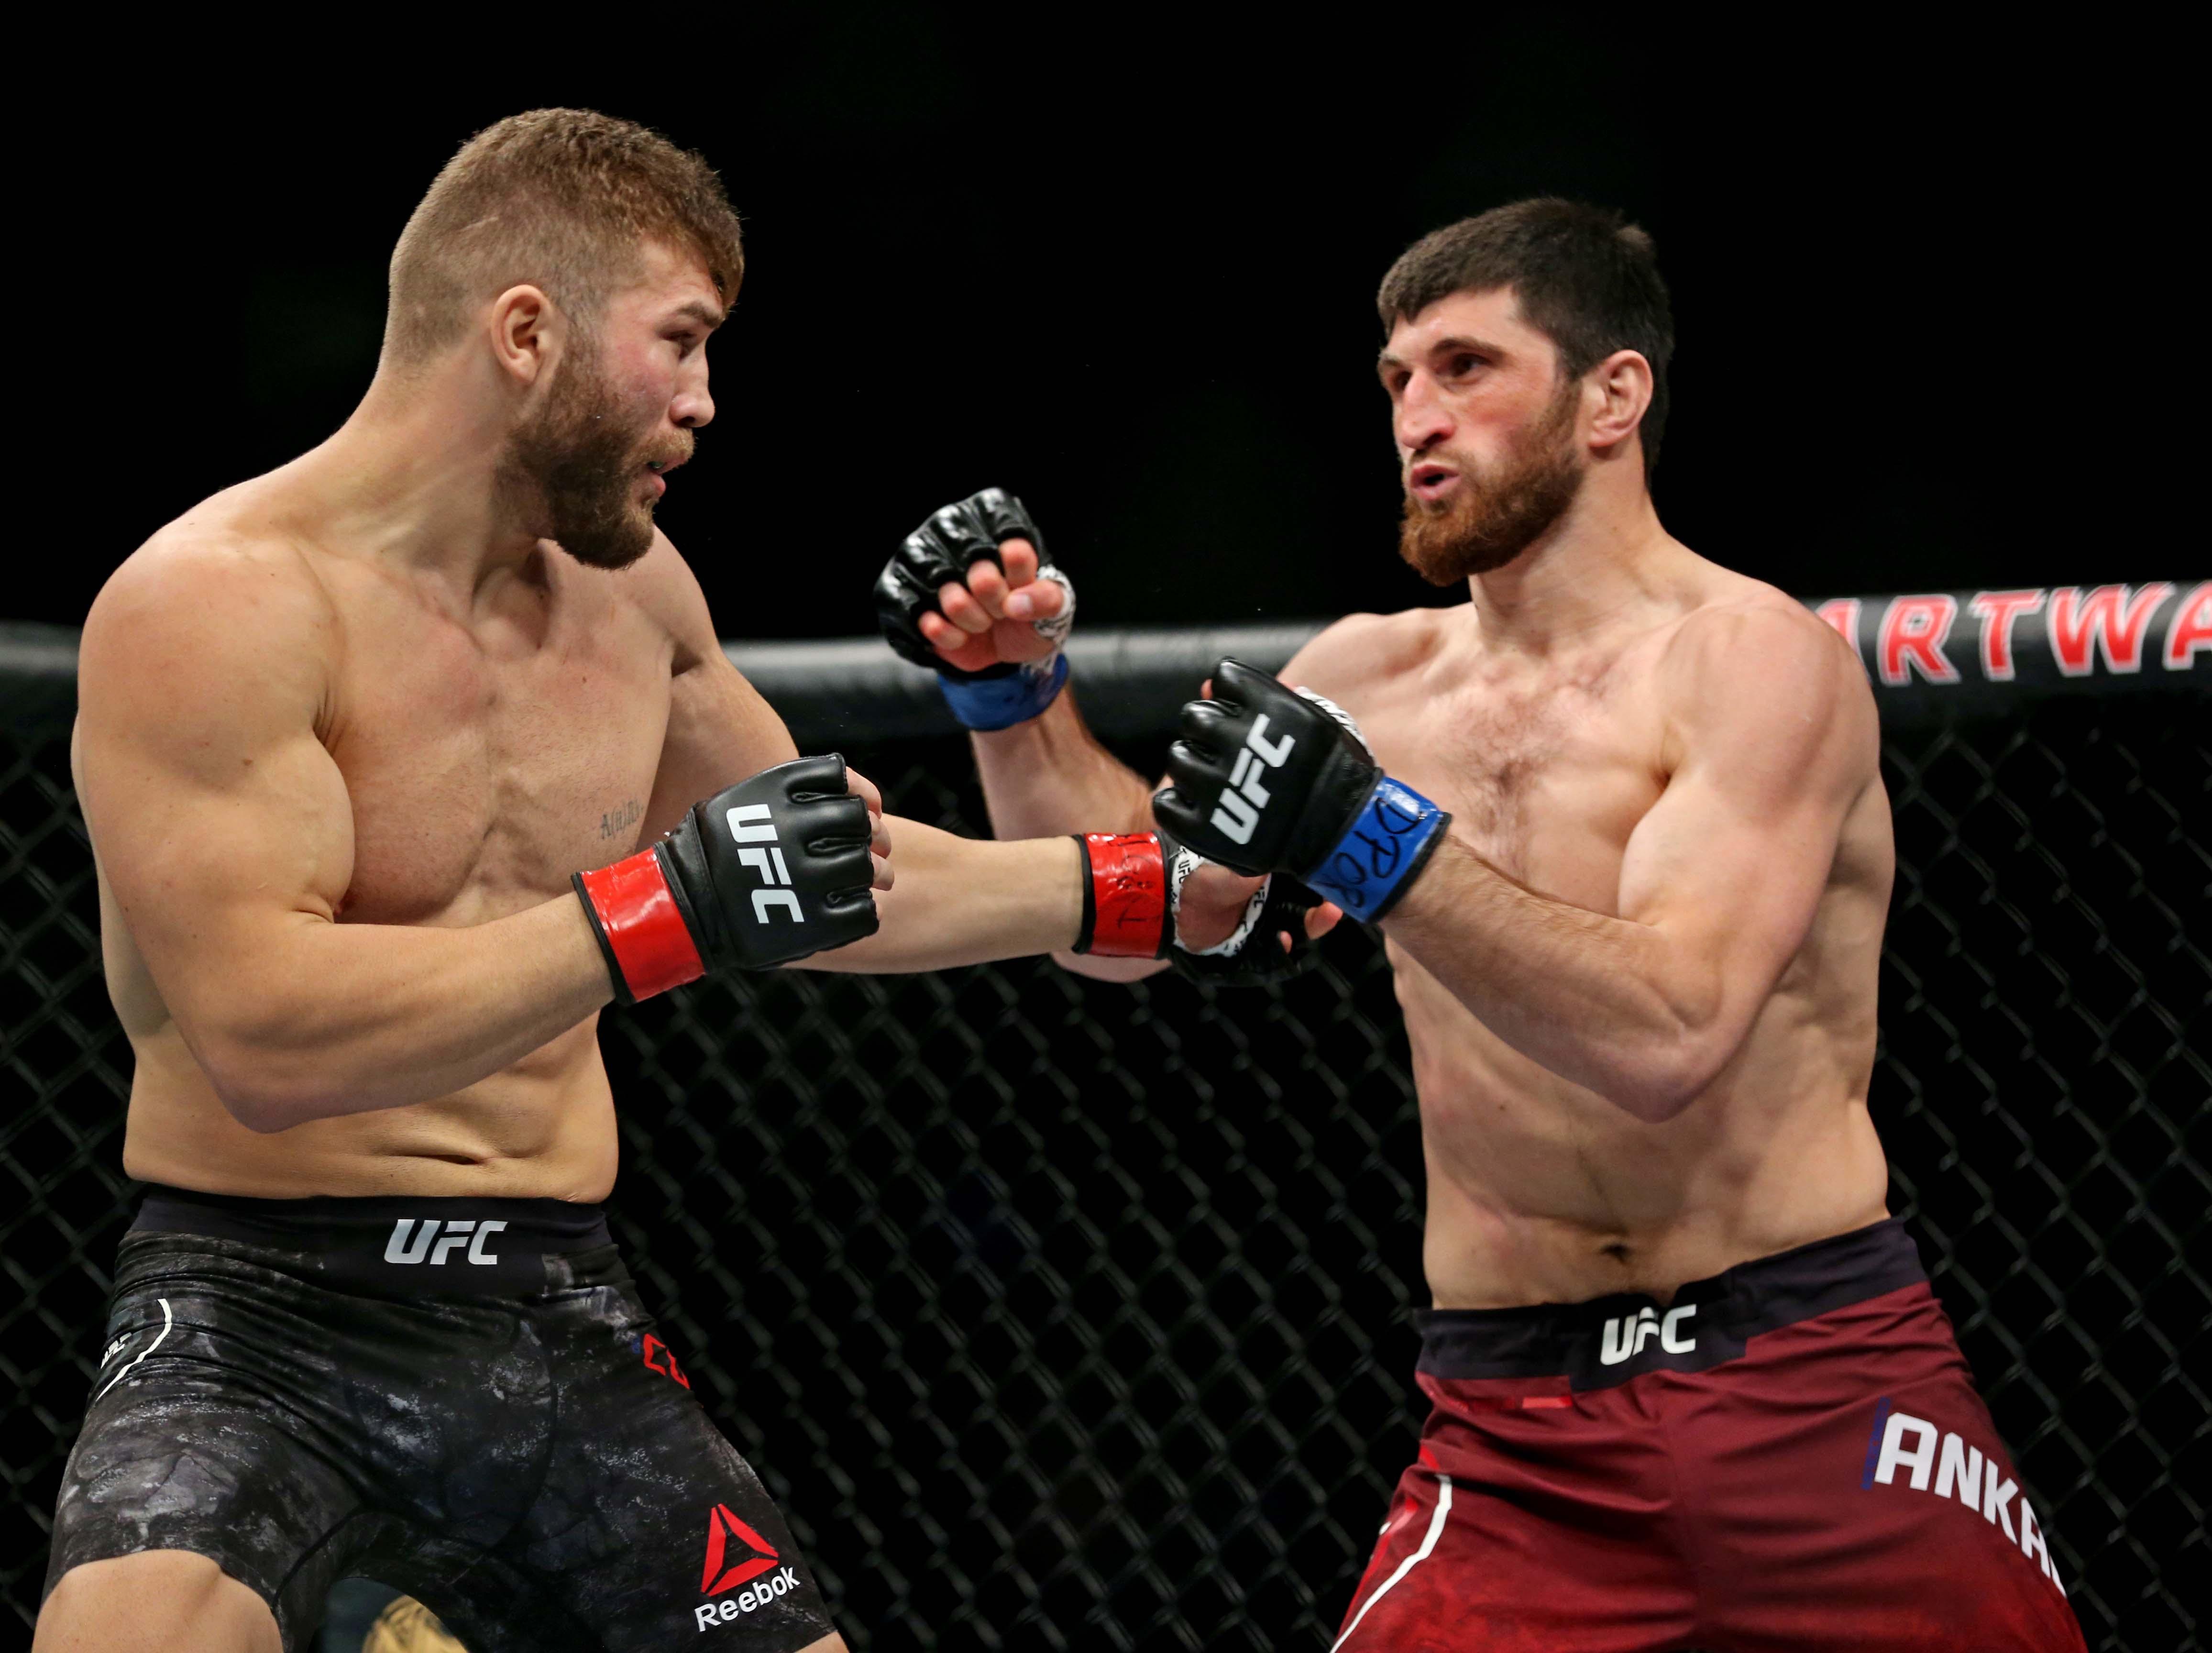 MMA: UFC Fight Night-Norfolk-Cutelaba vs Ankalaev